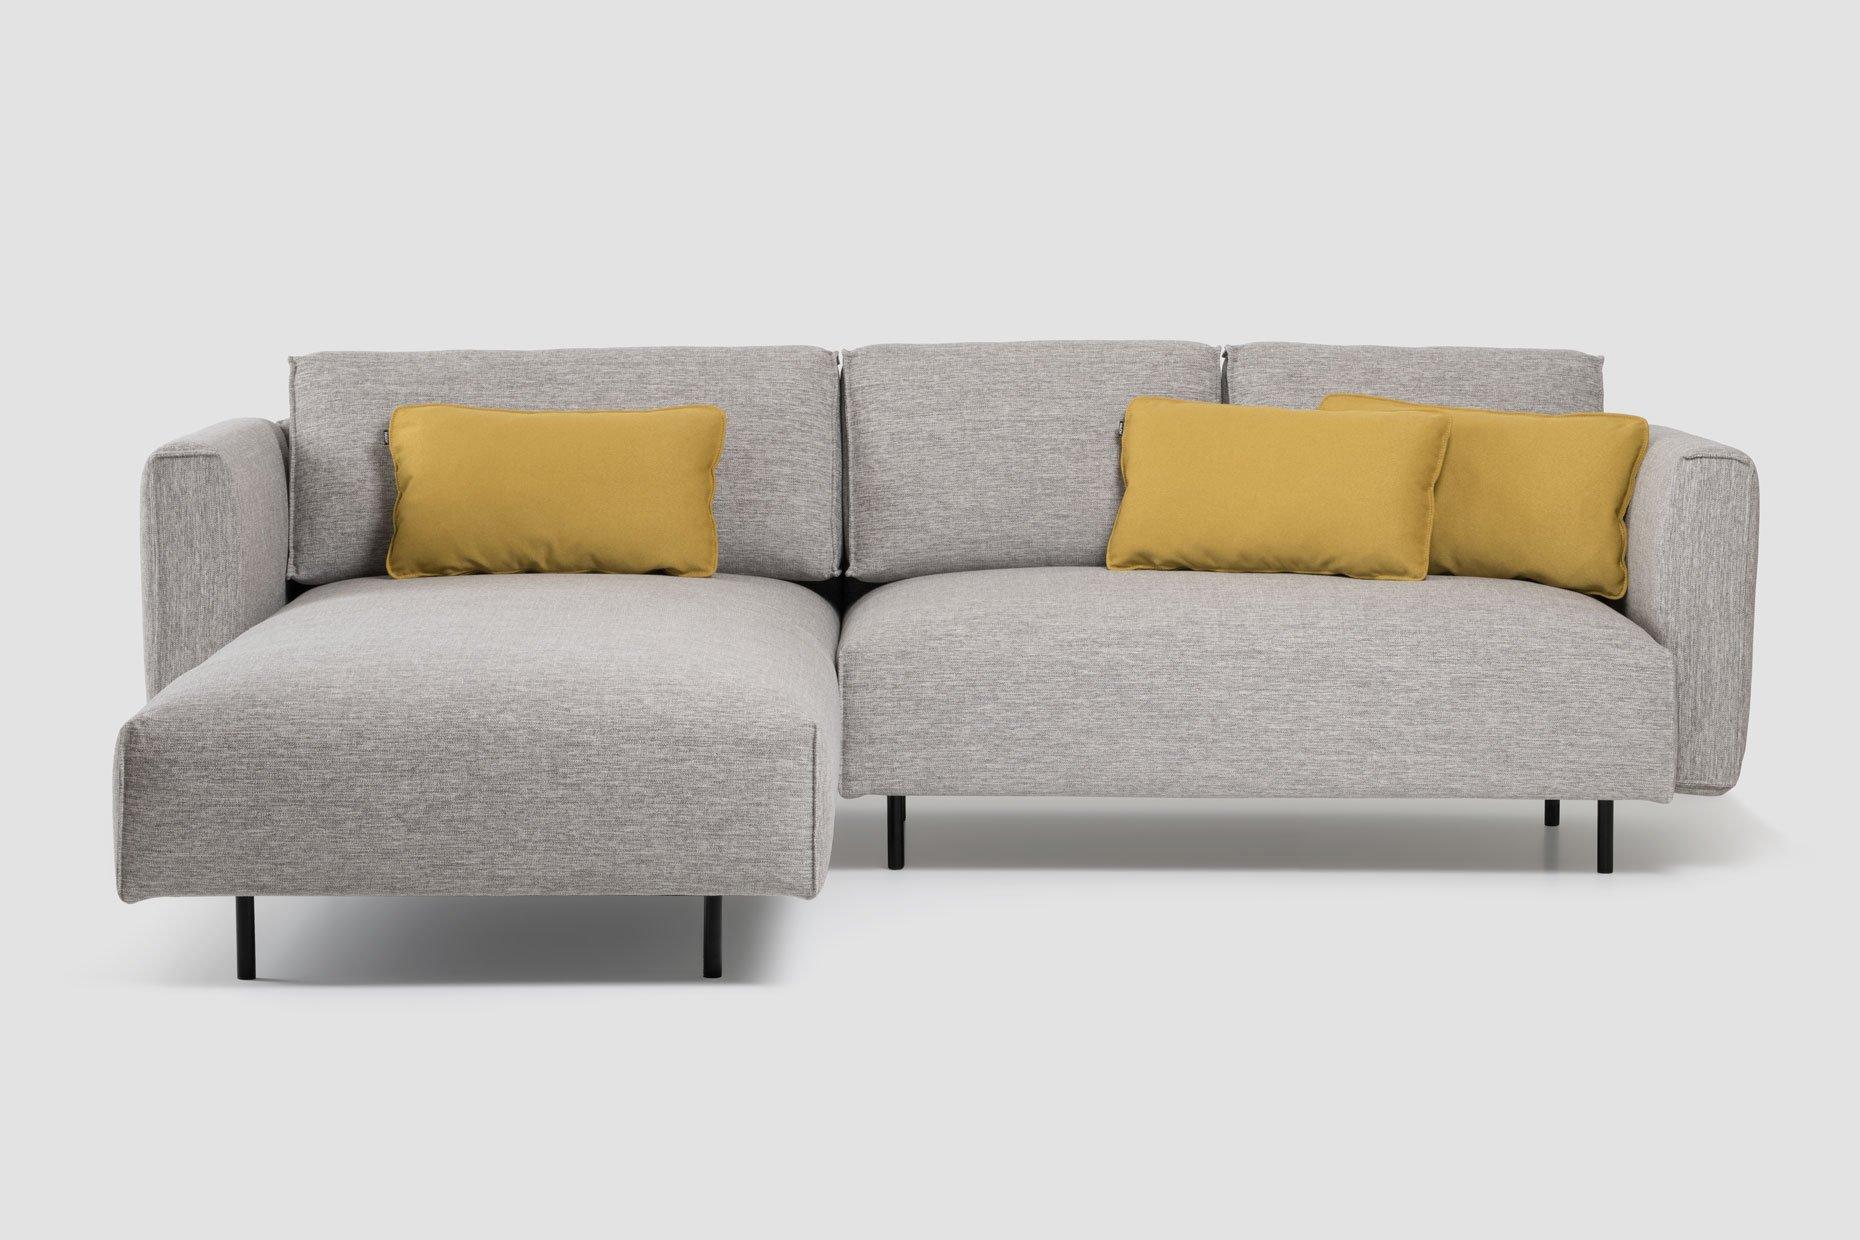 Kotna sedežna garnitura Kauch Oto v sivi barvi